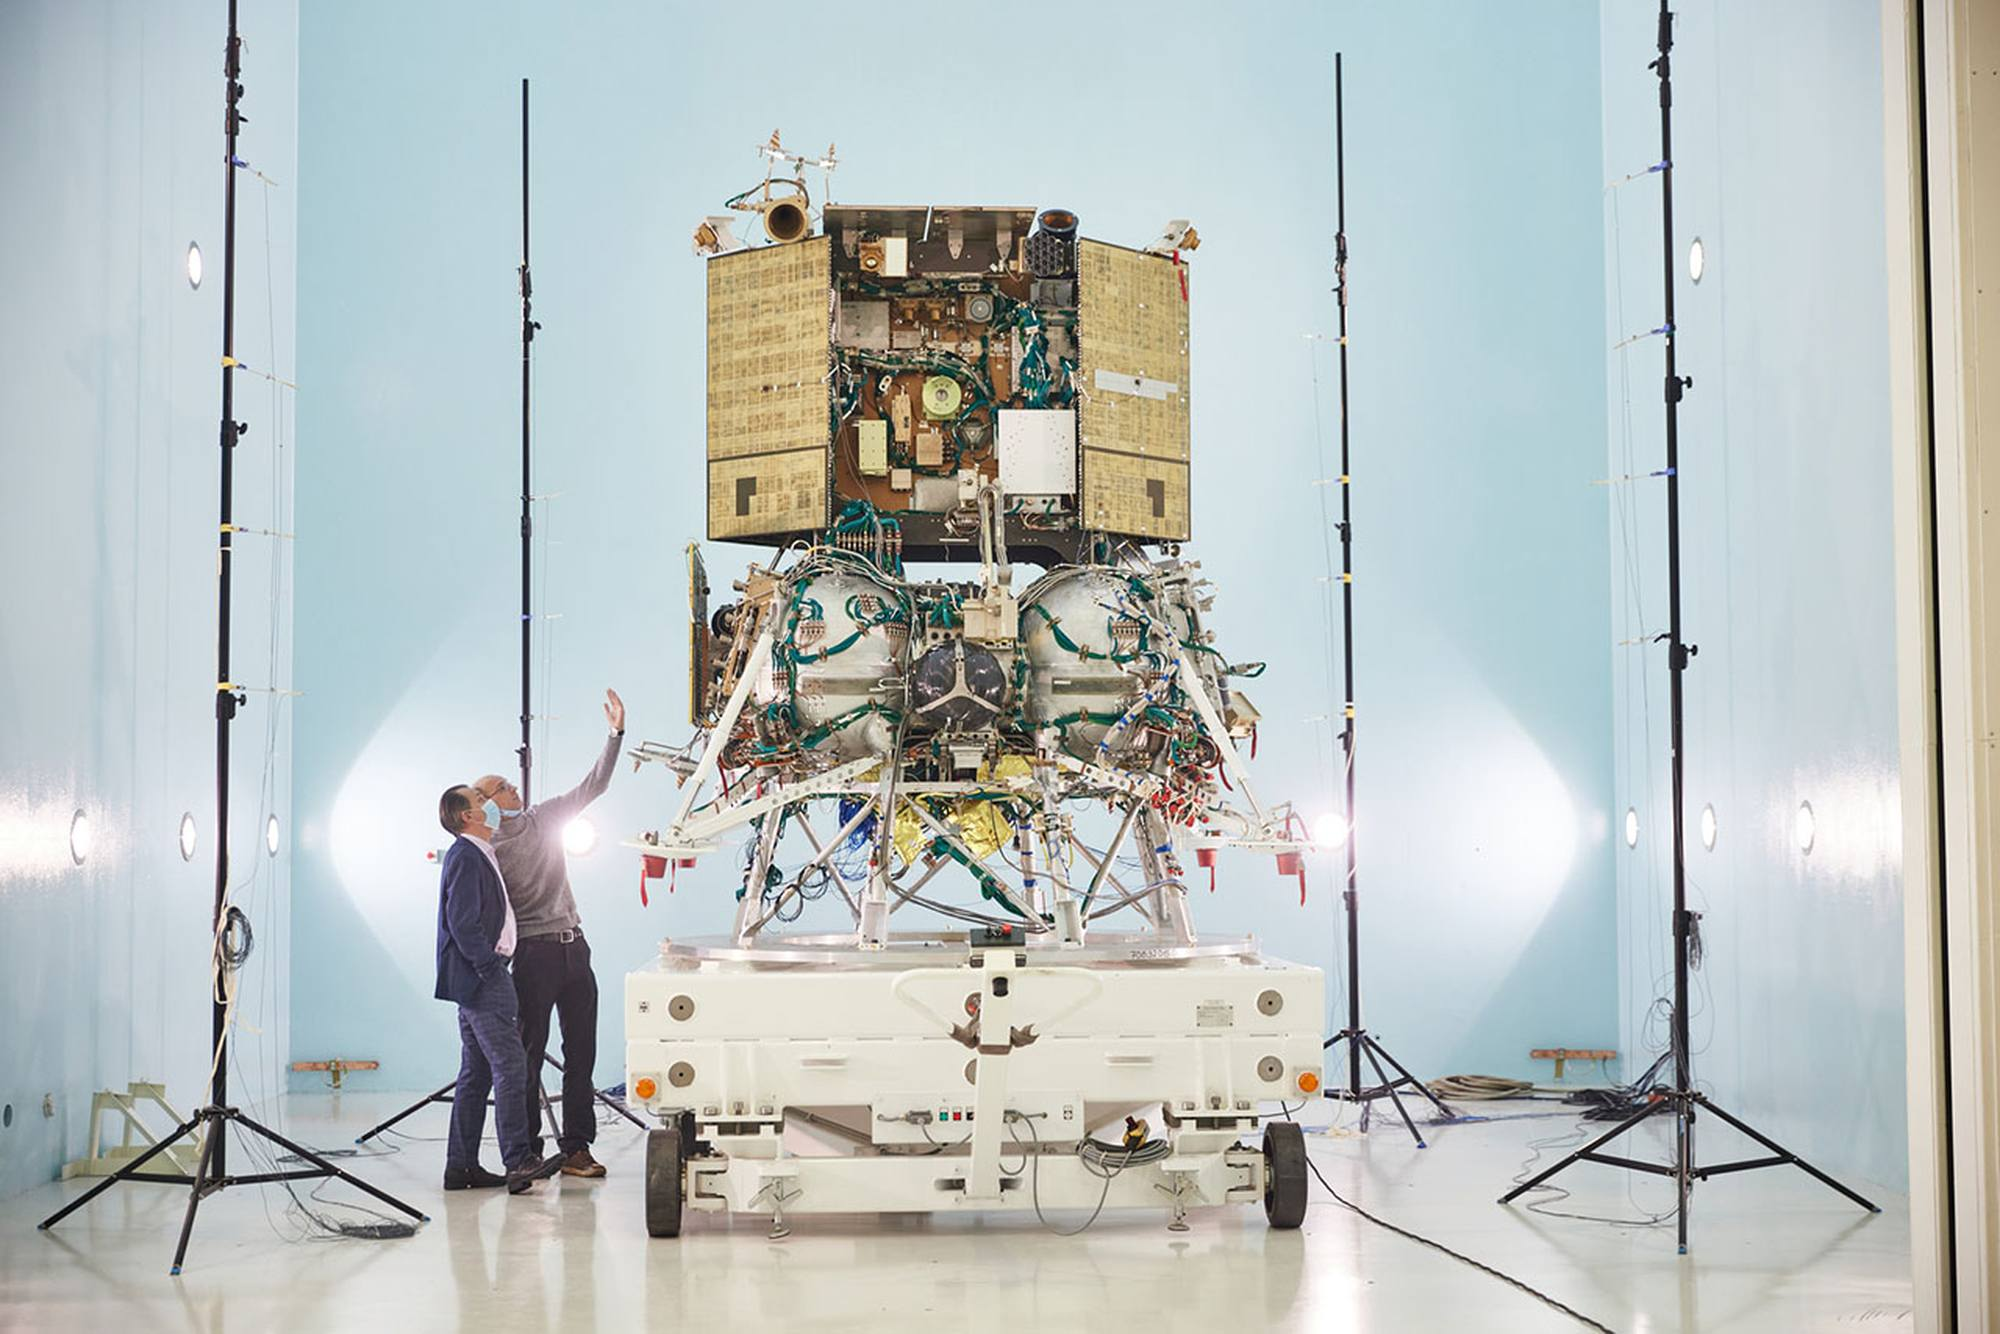 La sonde automatique sera, lors du lancement, fixée sur l'étage d'injection Fregat.